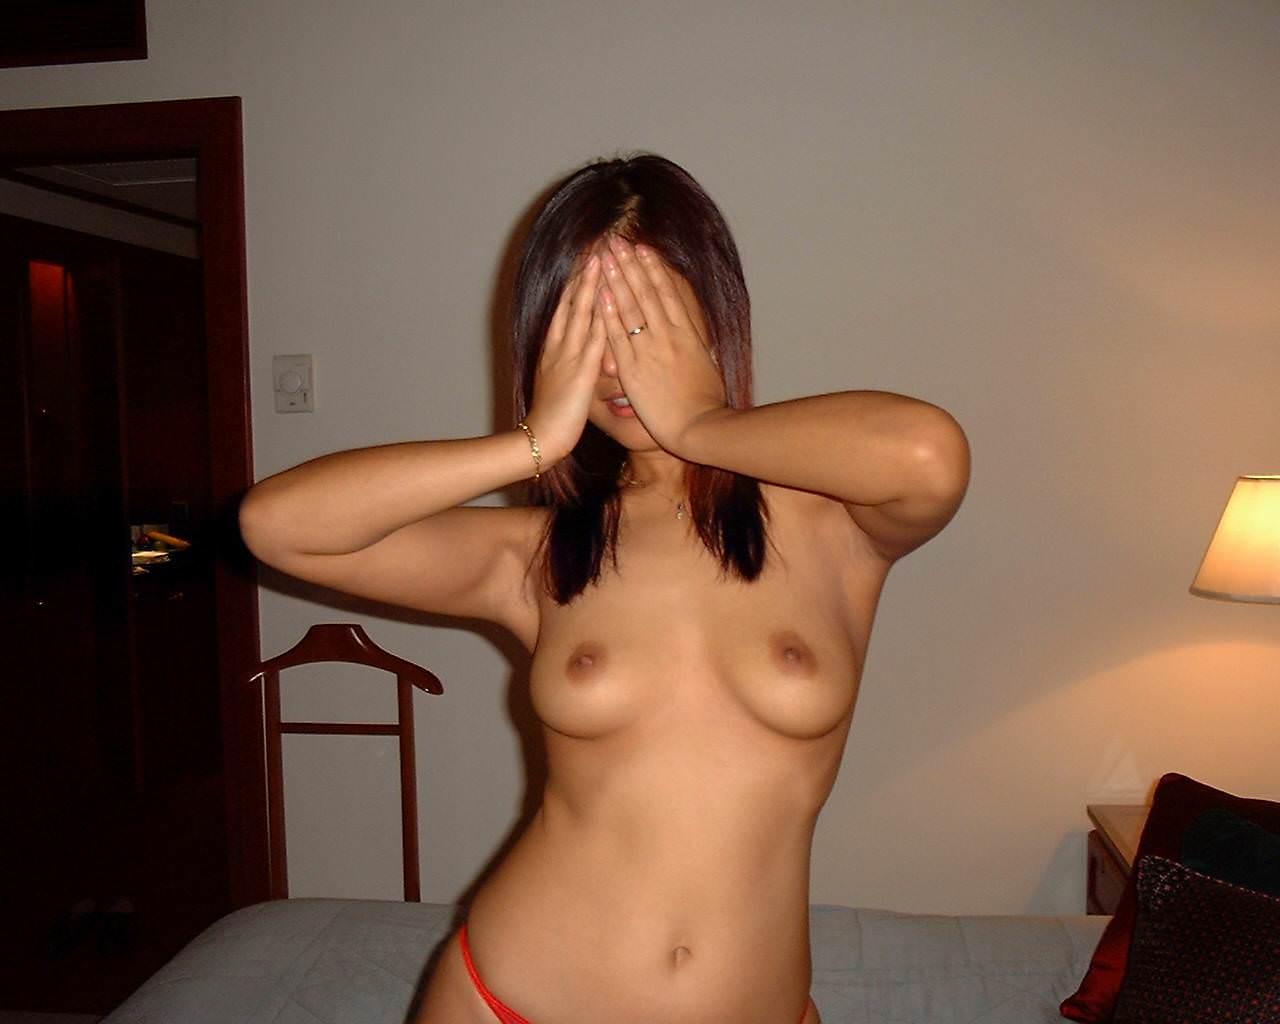 素っ裸になってる彼女を撮っちゃう彼氏 (4)